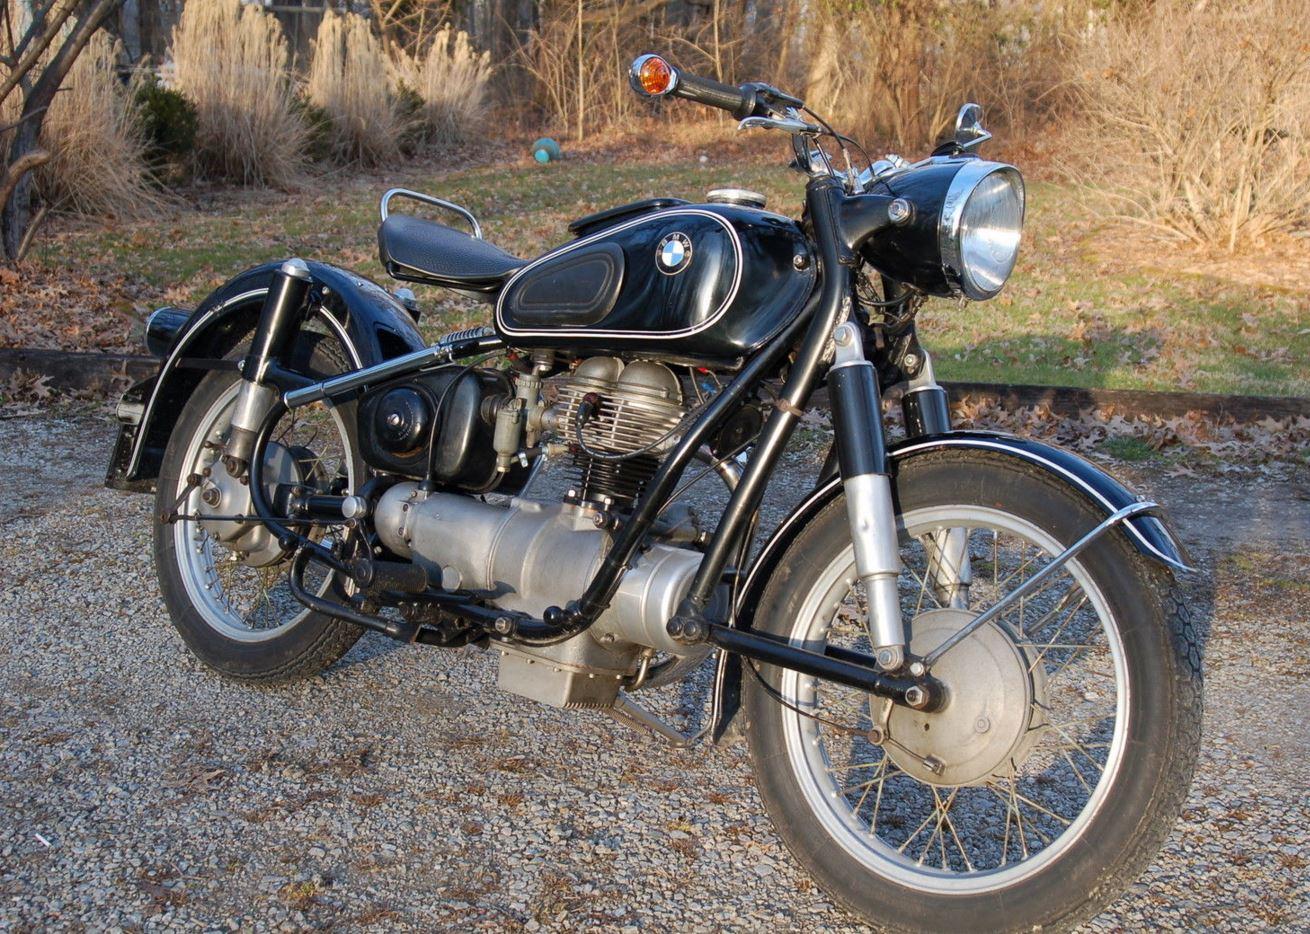 1956 bmw r26 bike urious. Black Bedroom Furniture Sets. Home Design Ideas